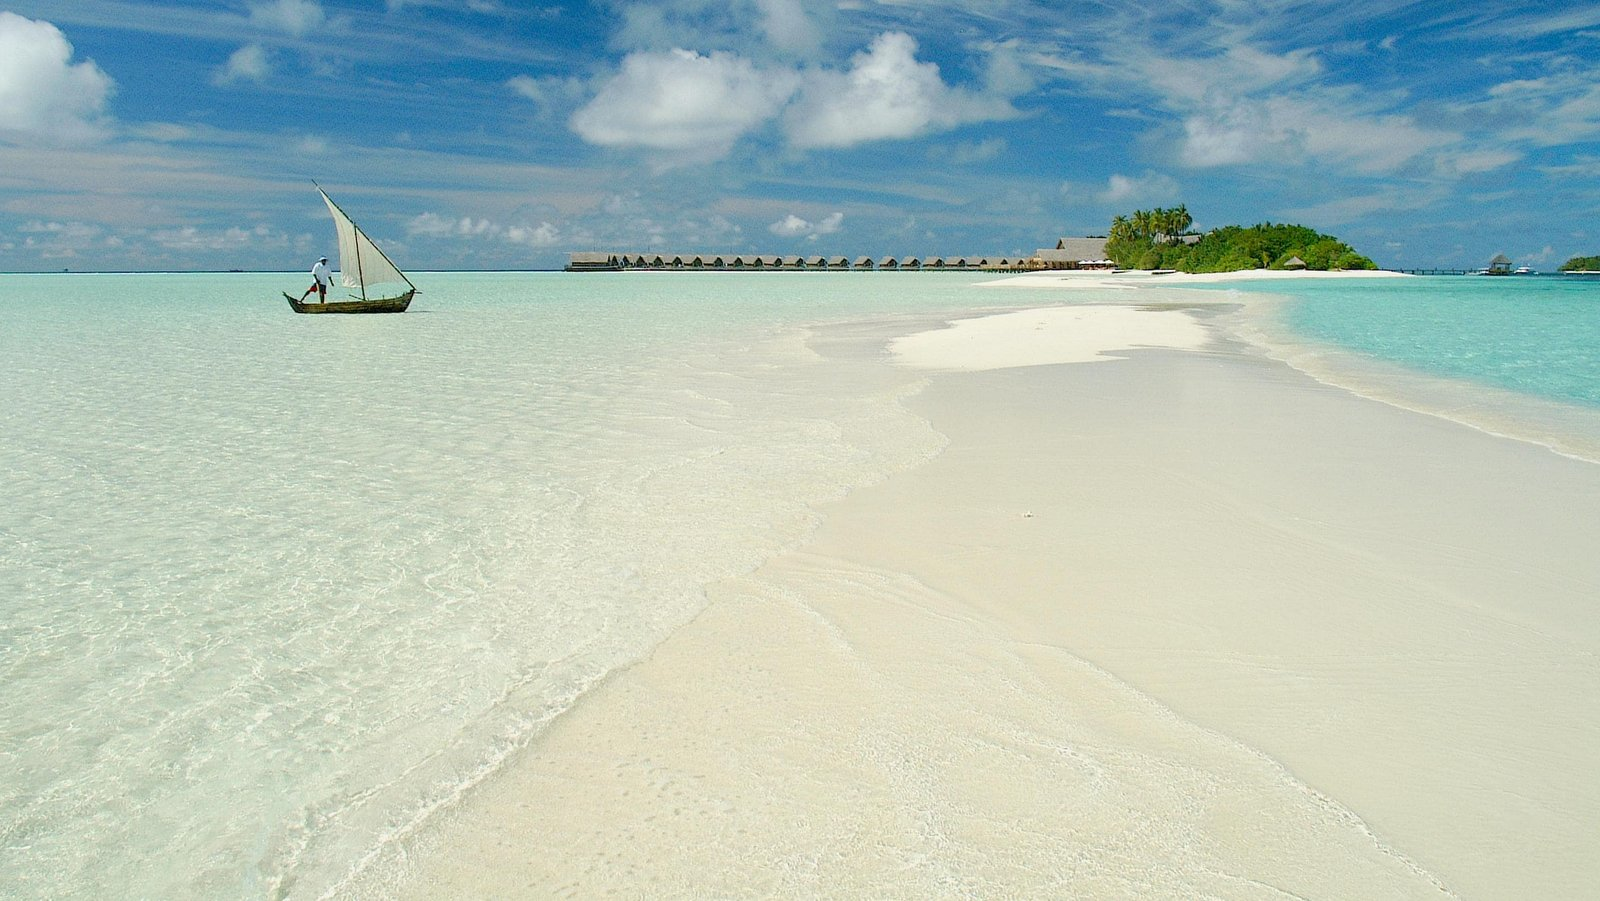 Мальдивы, отель COMO Cocoa Island, коса